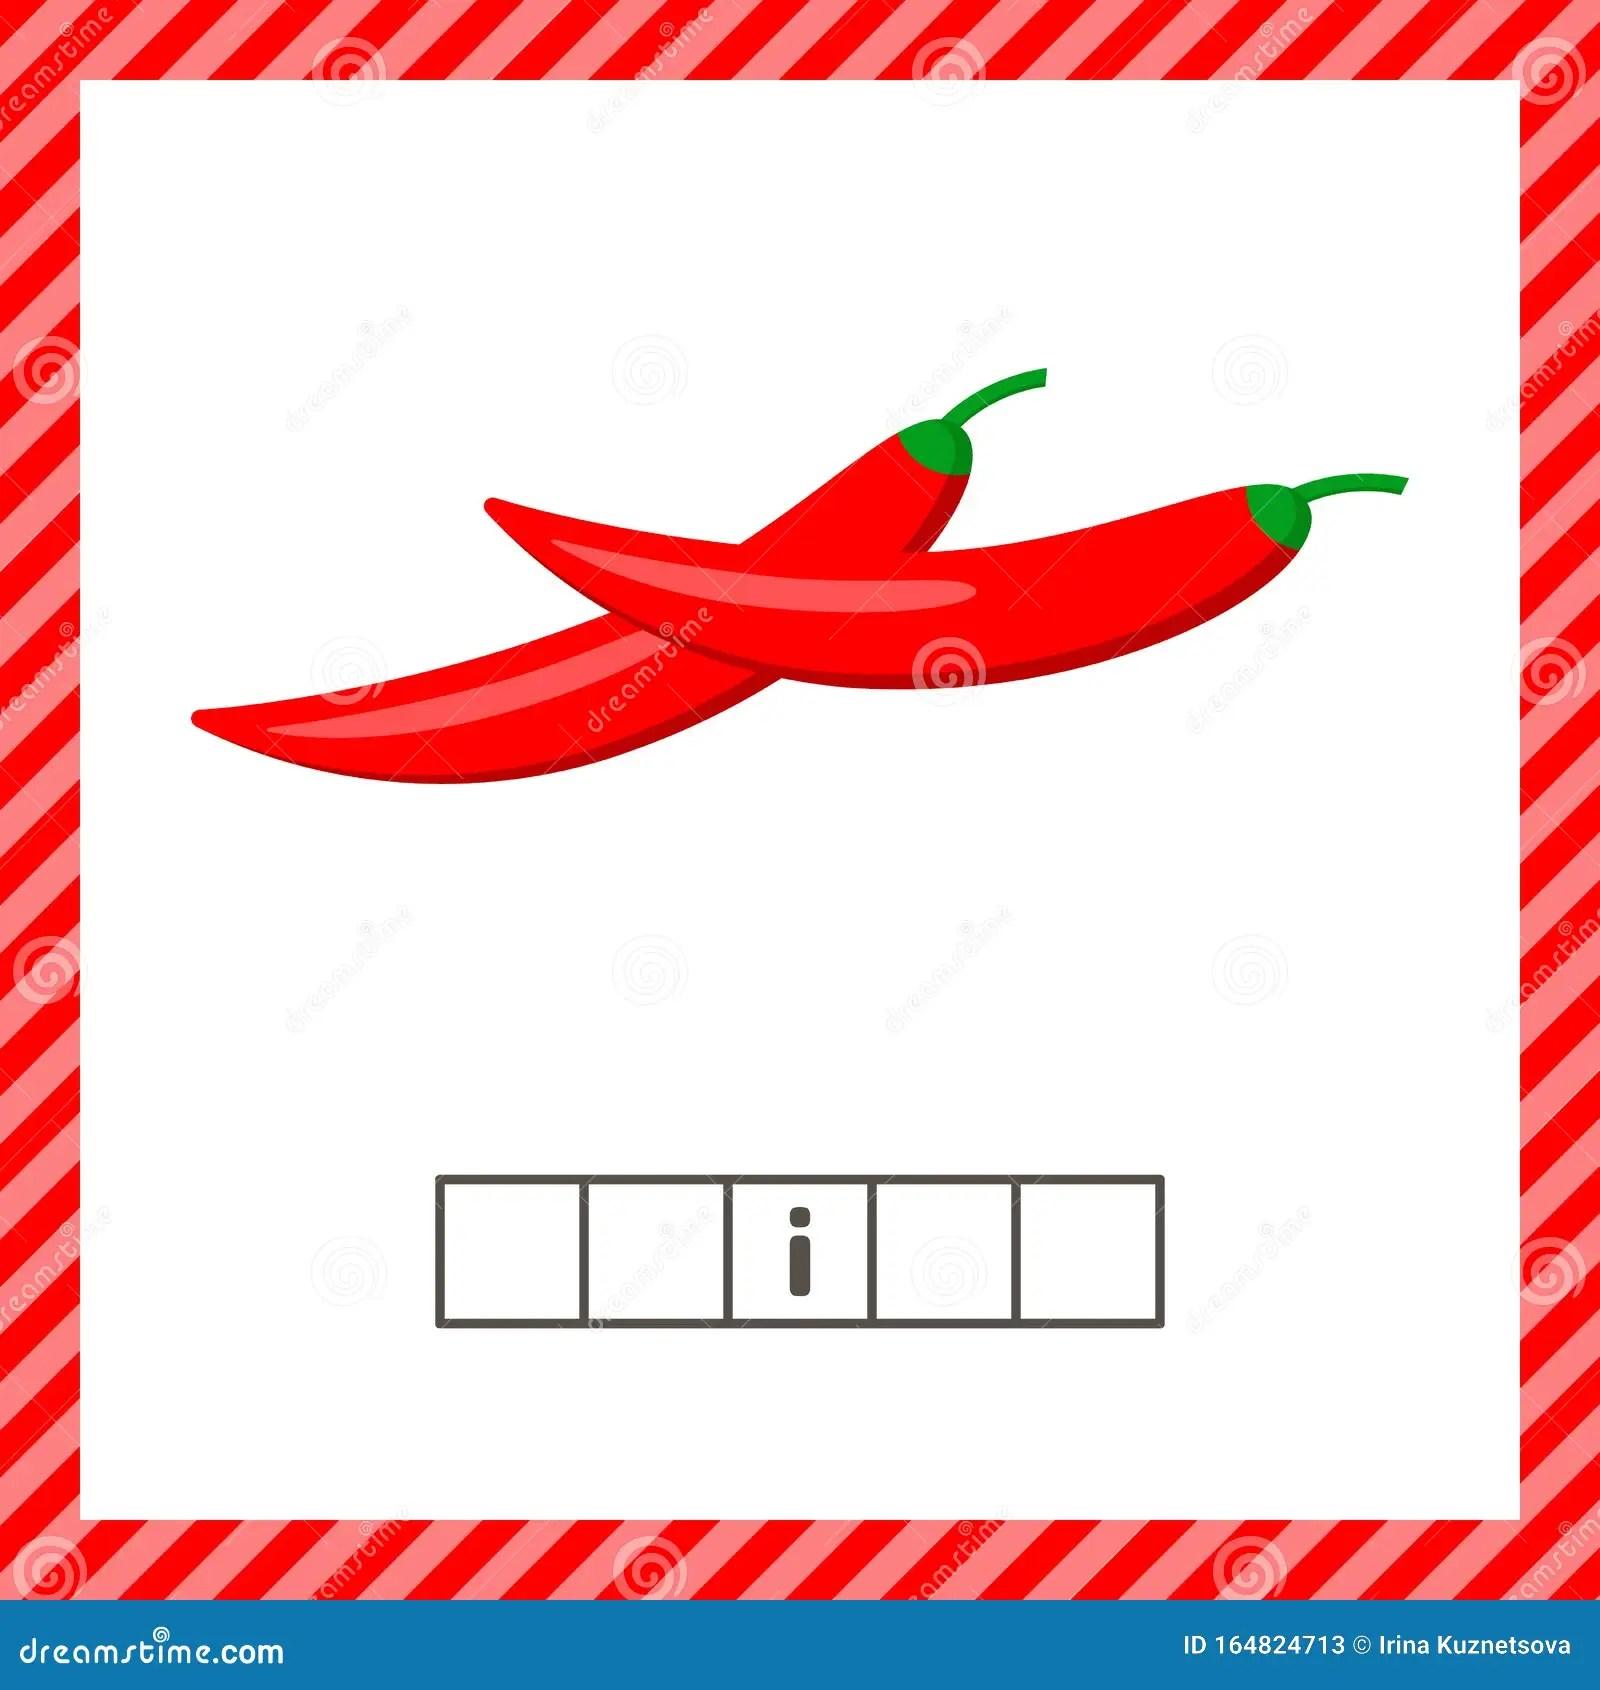 Vegetable Chili Pepper Educational Logic Worksheet For